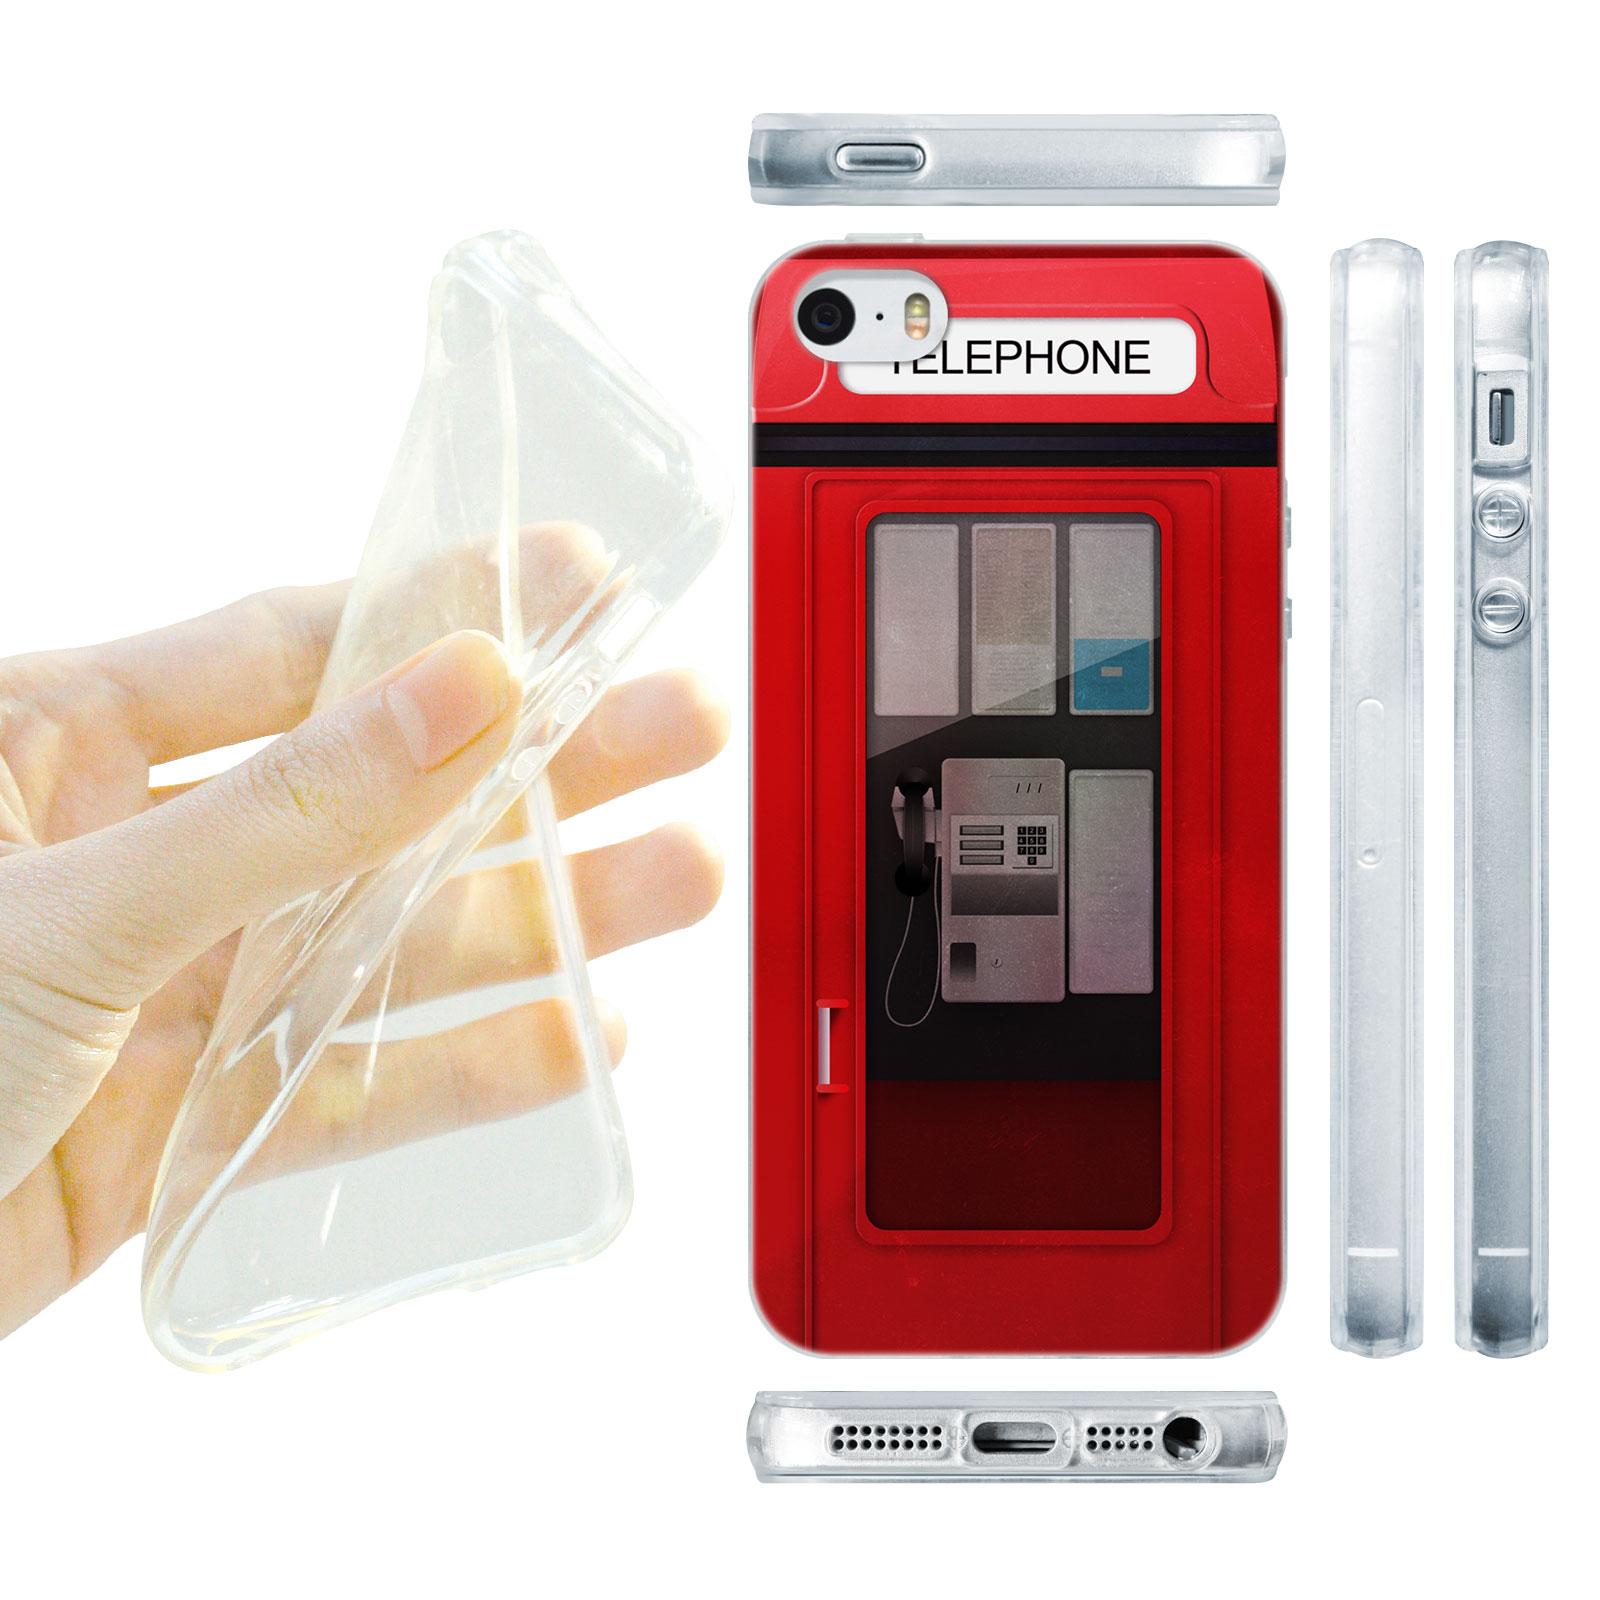 HEAD CASE silikonový obal na mobil Iphone 5/5S telefonní budka červená barva 2